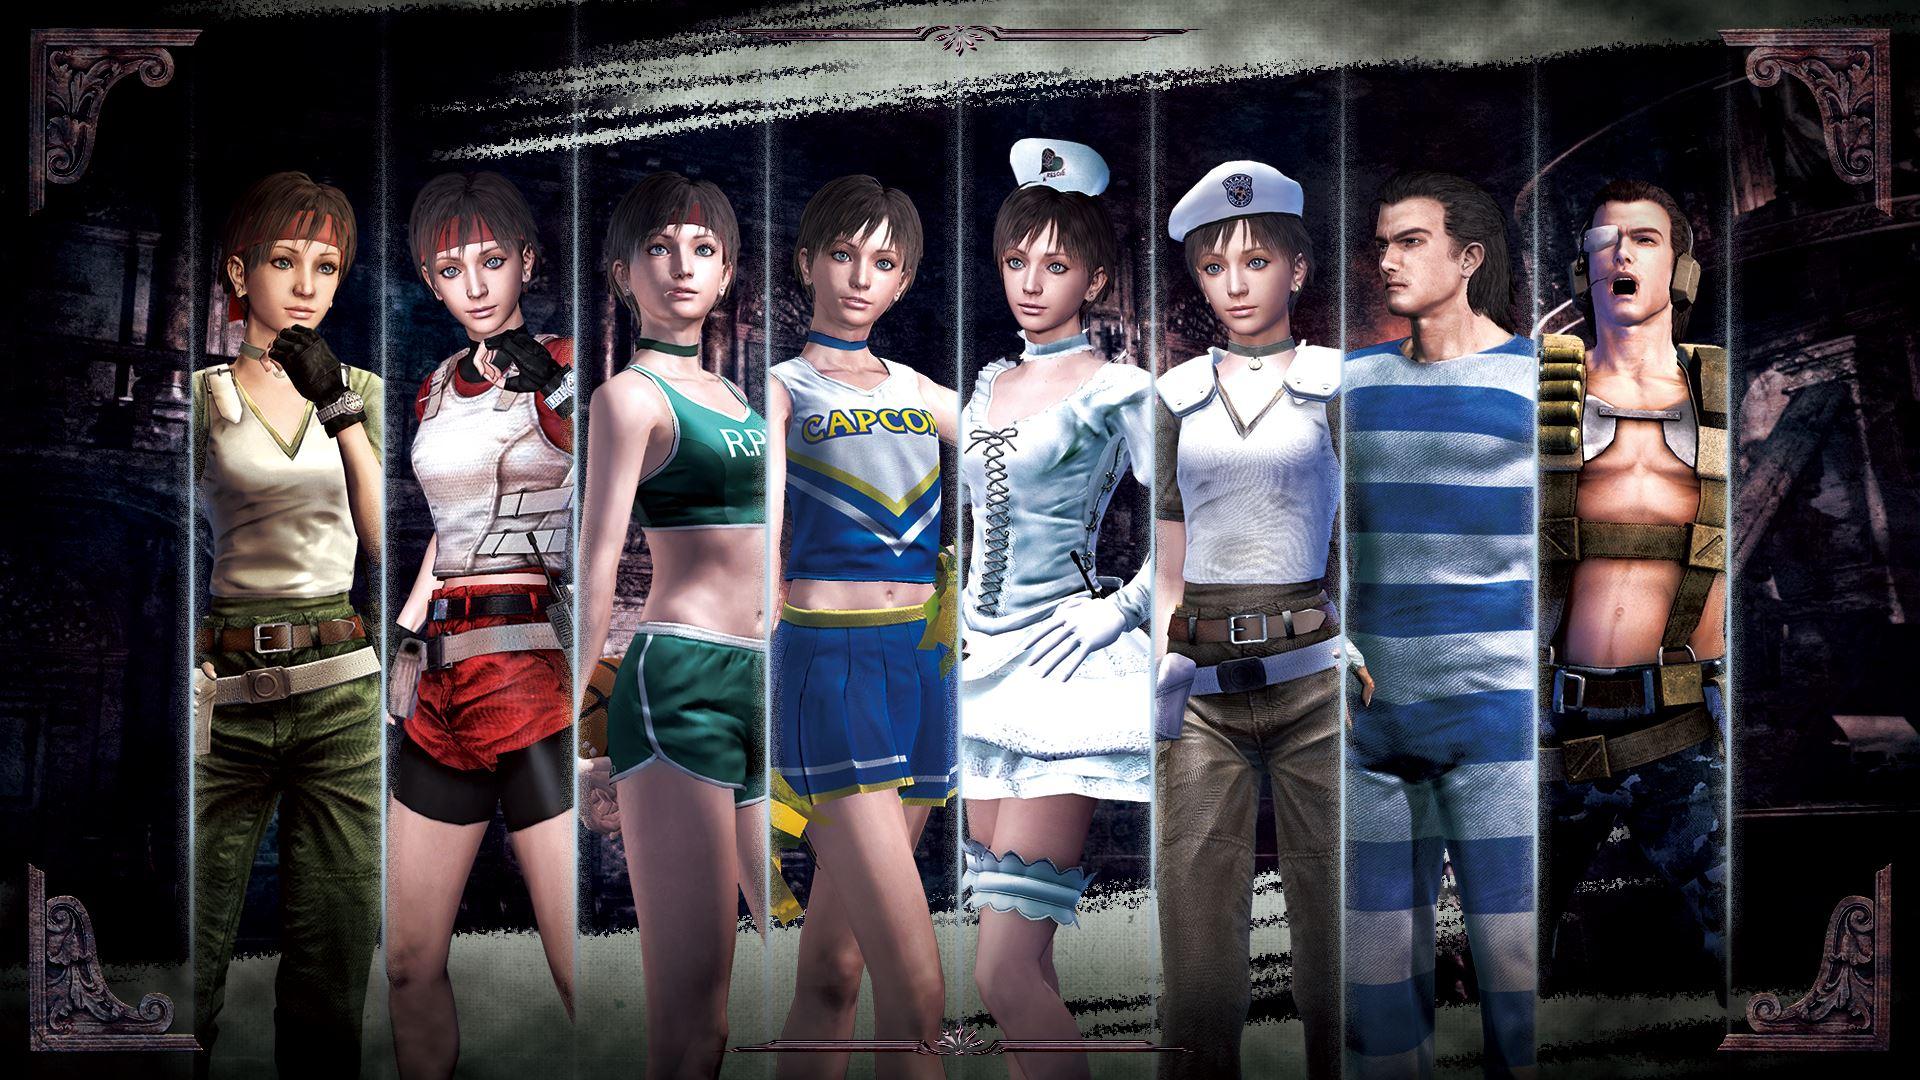 Прошёл слушок, что на E3 Capcom анонсируют новую номерную часть Resident Evil. Самое интересное - ожидается возвра .... - Изображение 1